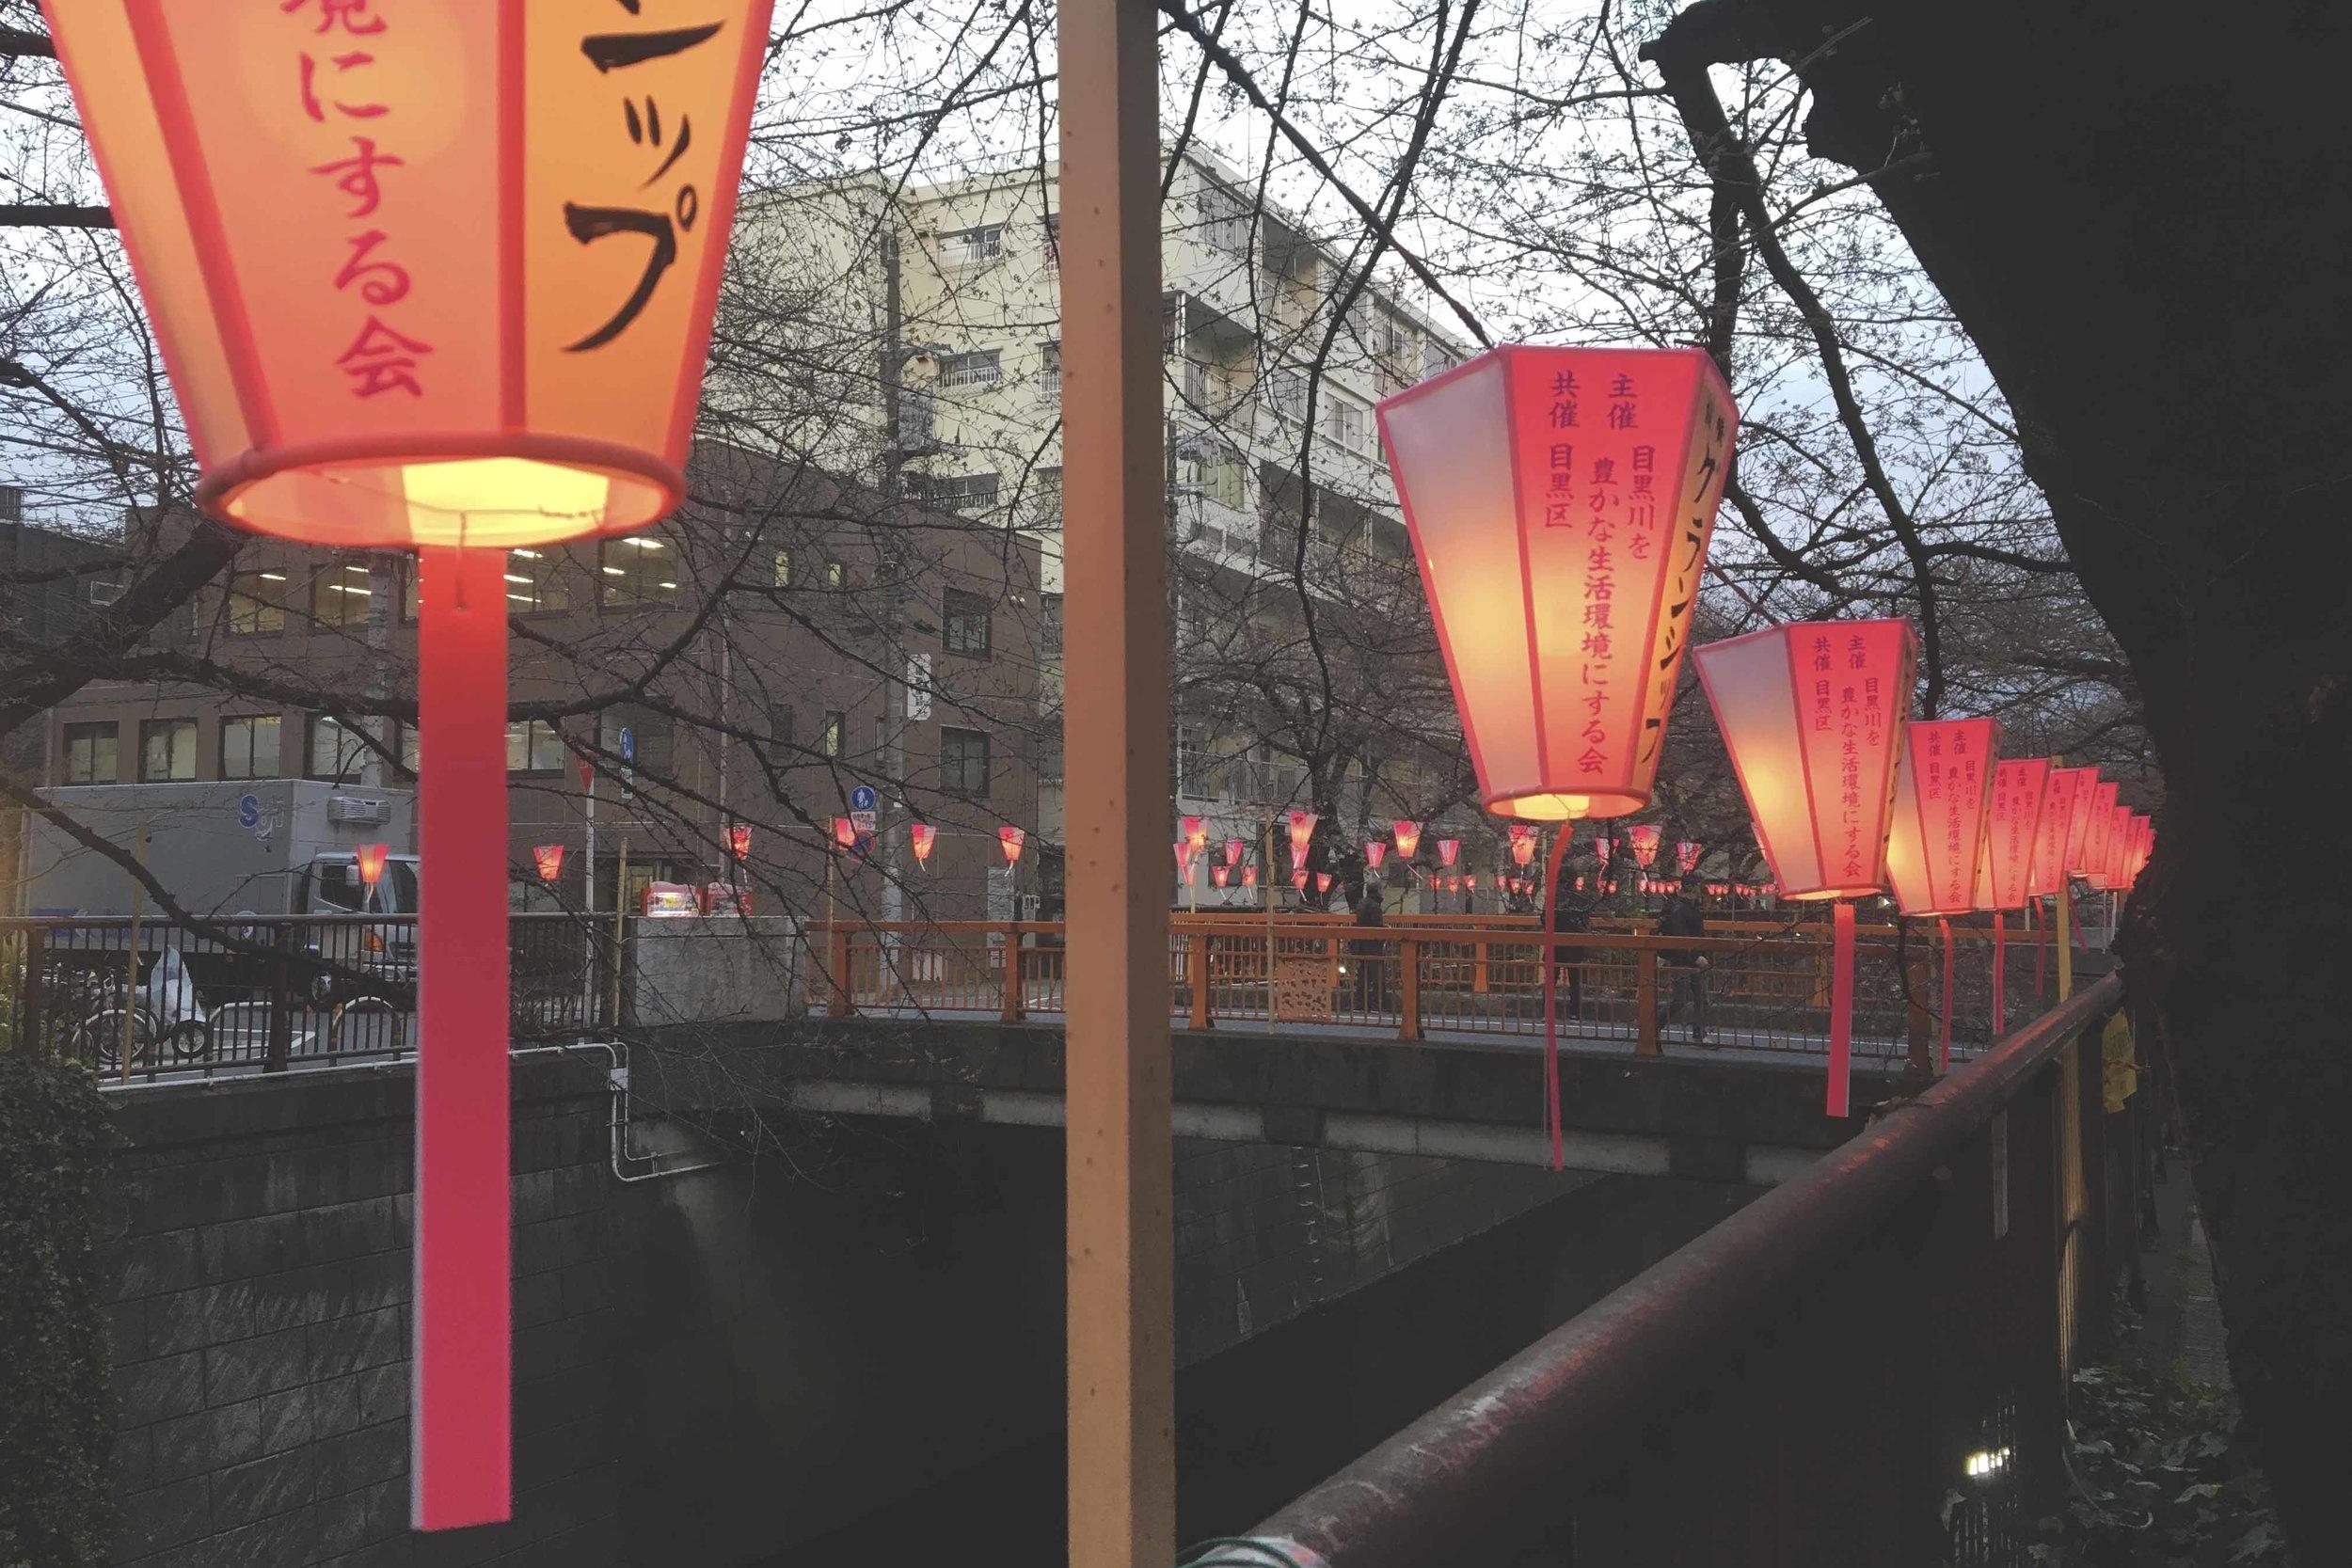 Lanternas ao longo do rio de Naka Meguro